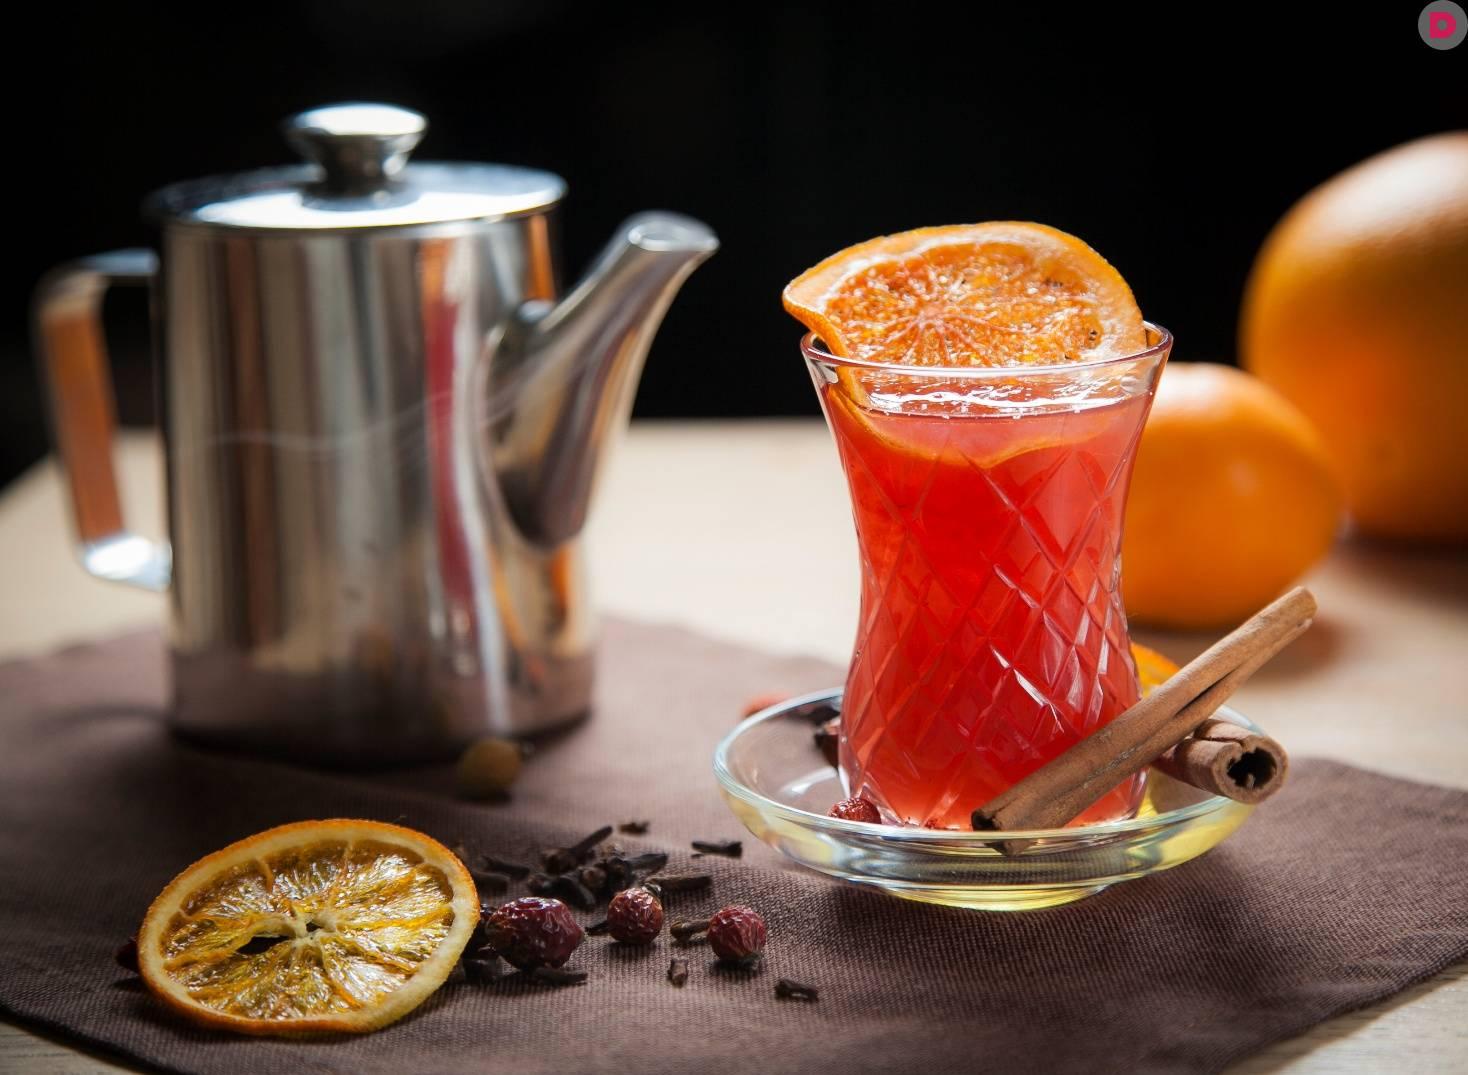 Клюквенный чай: рецепт с фото пошагово. как заварить чай с клюквой?